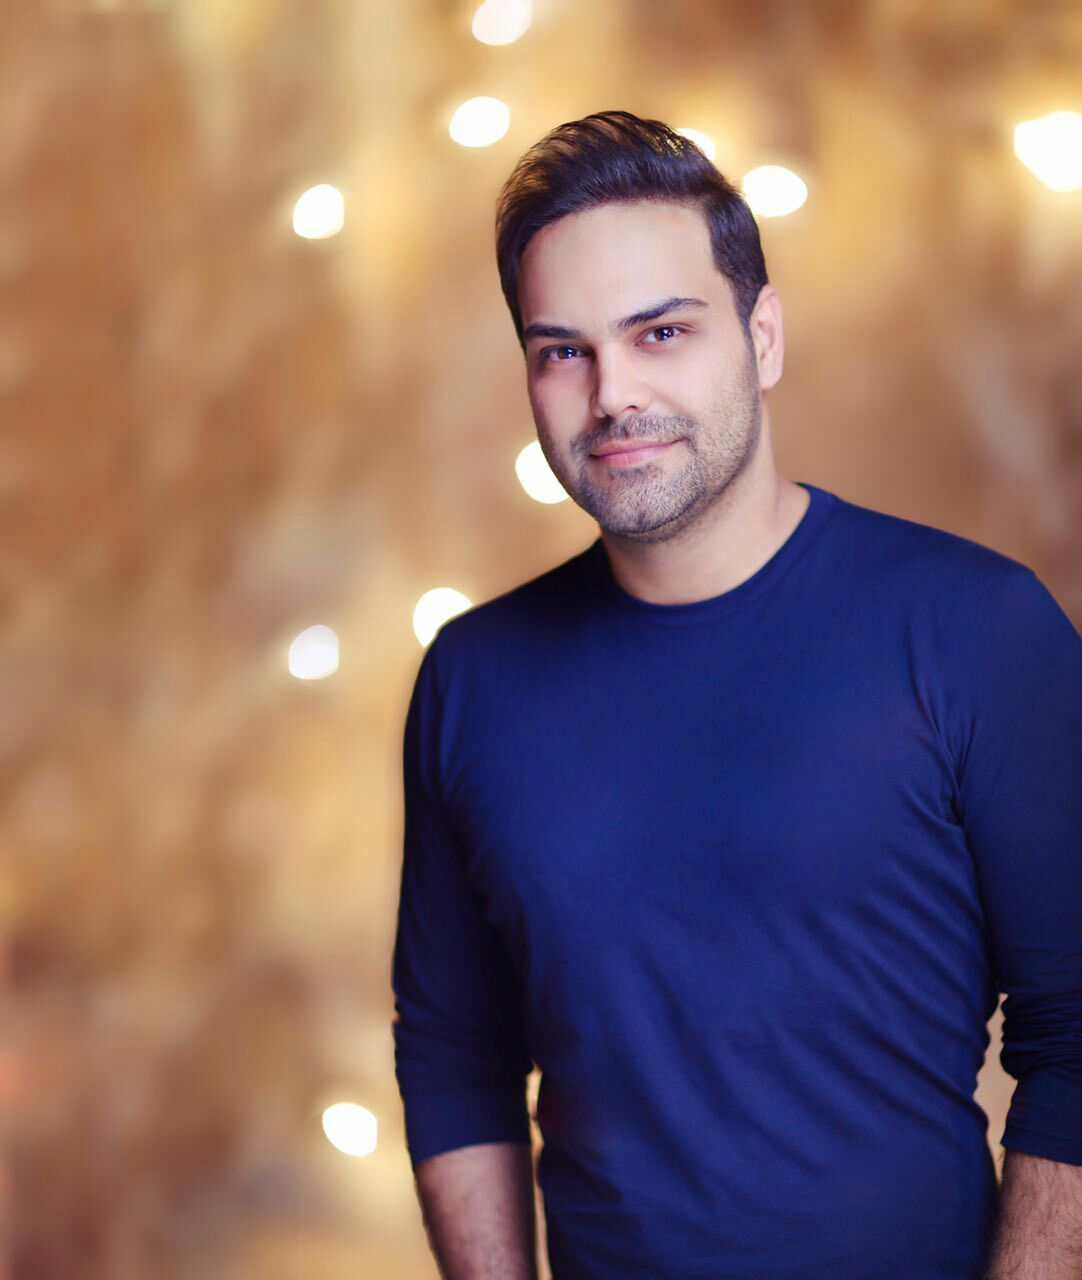 مصاحبه سیامک عباسی با رسانه اینترنتی آوای پاپ